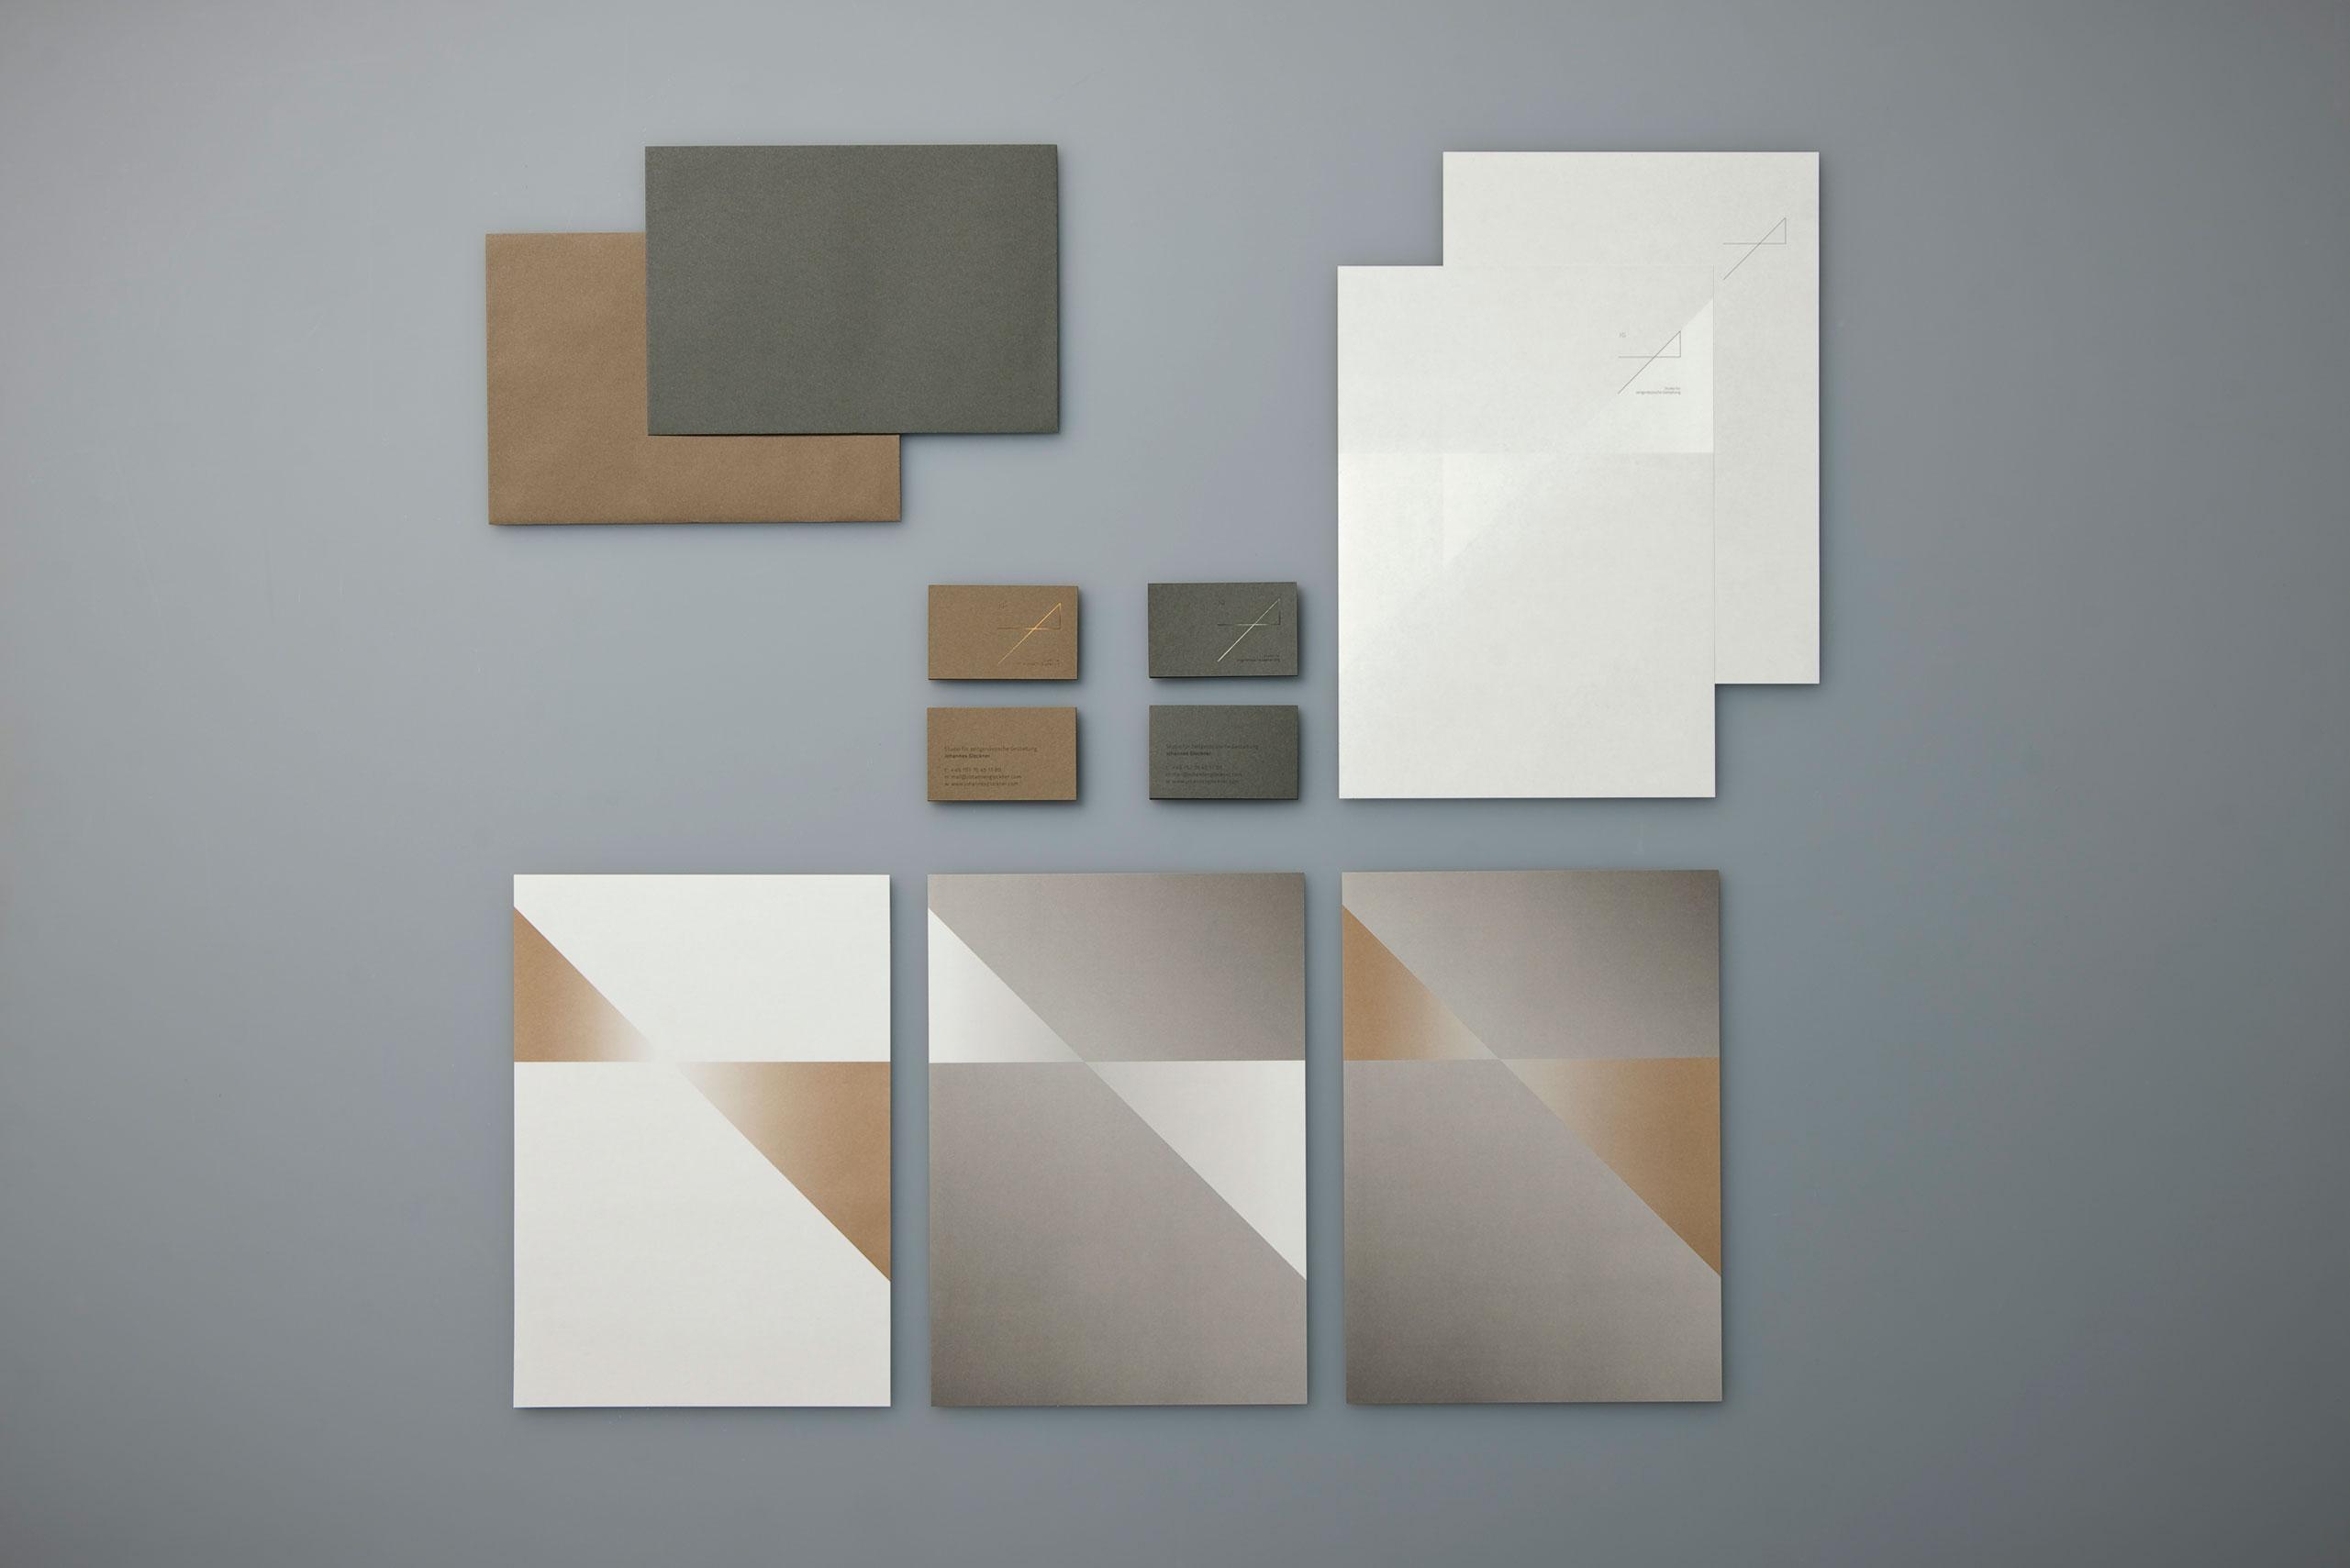 Visitenkarte, Briefbogen, Johannes Glockner, Schreiner, Industriedesigner, Corporate Design